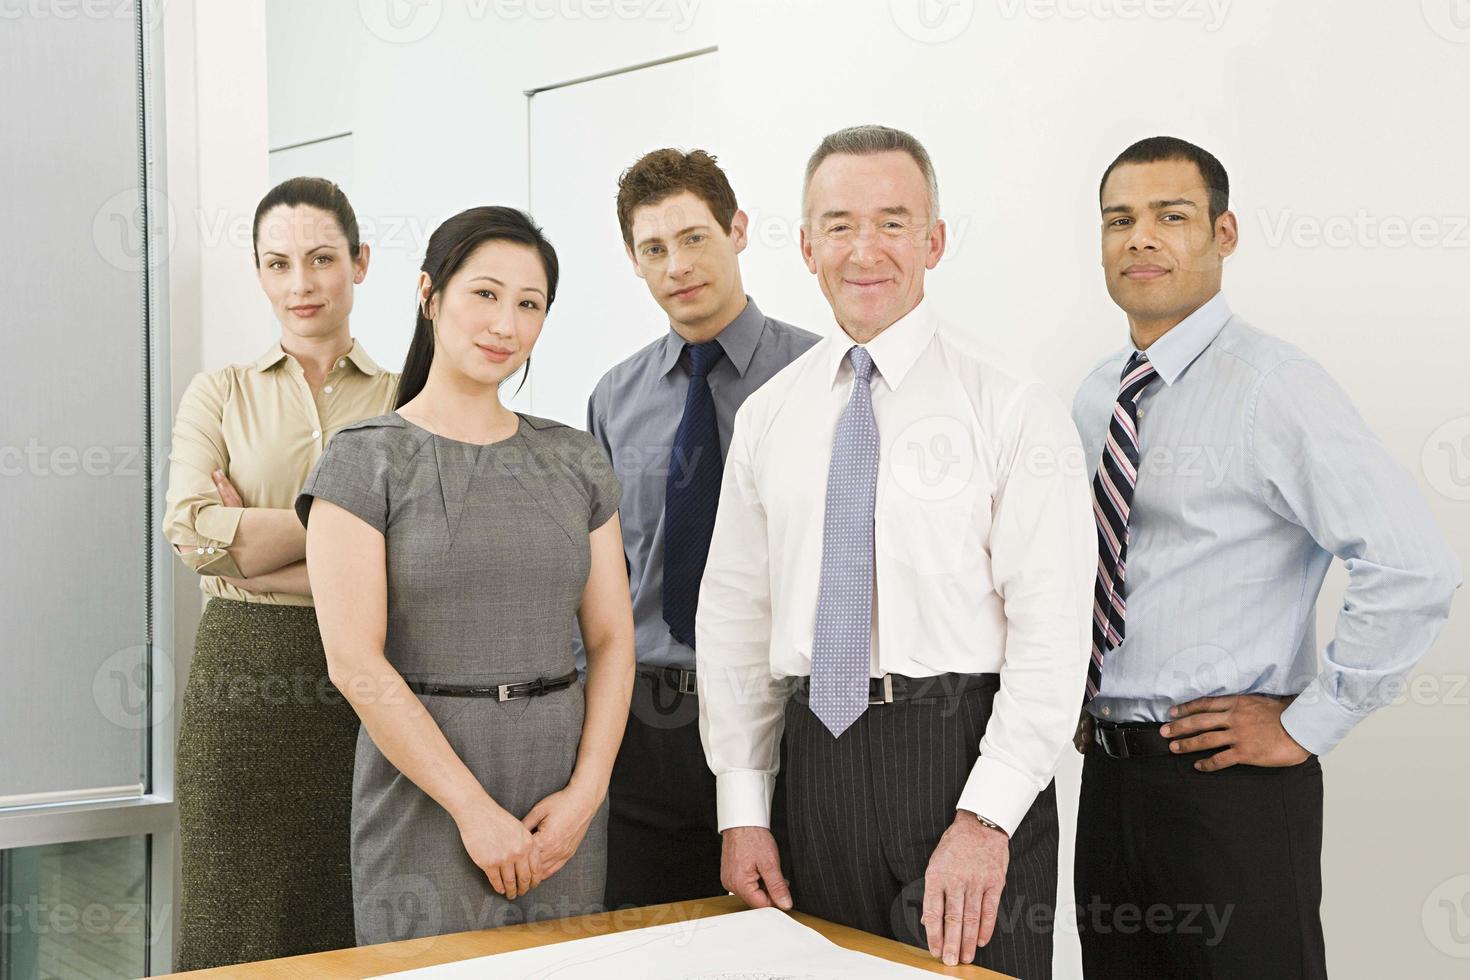 cinque colleghi di lavoro foto